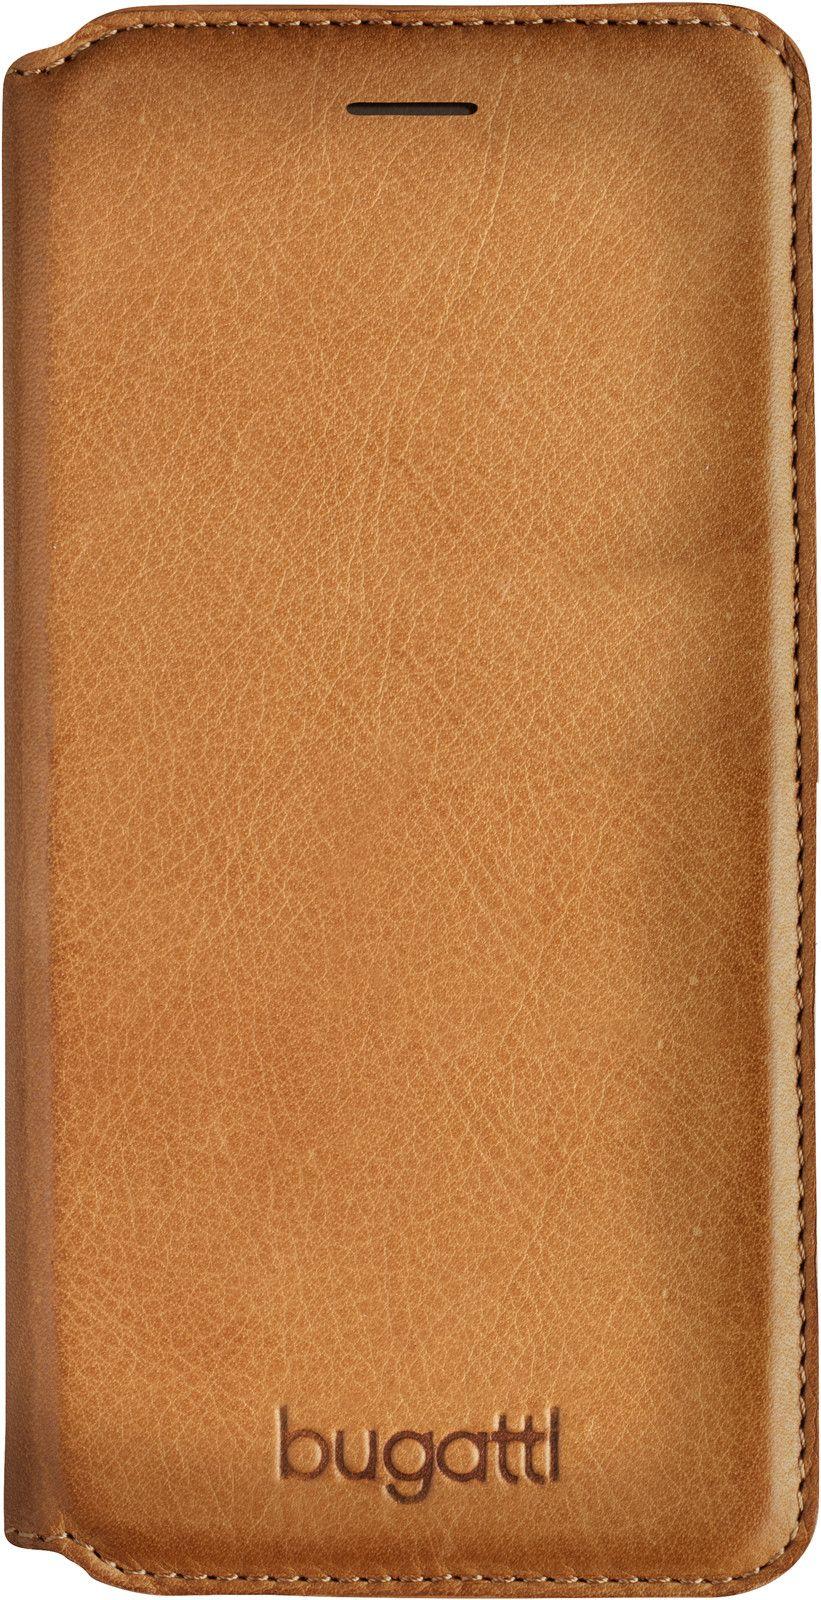 Bugatti Parigi Book Cover (iPhone 6/6S) - Svart